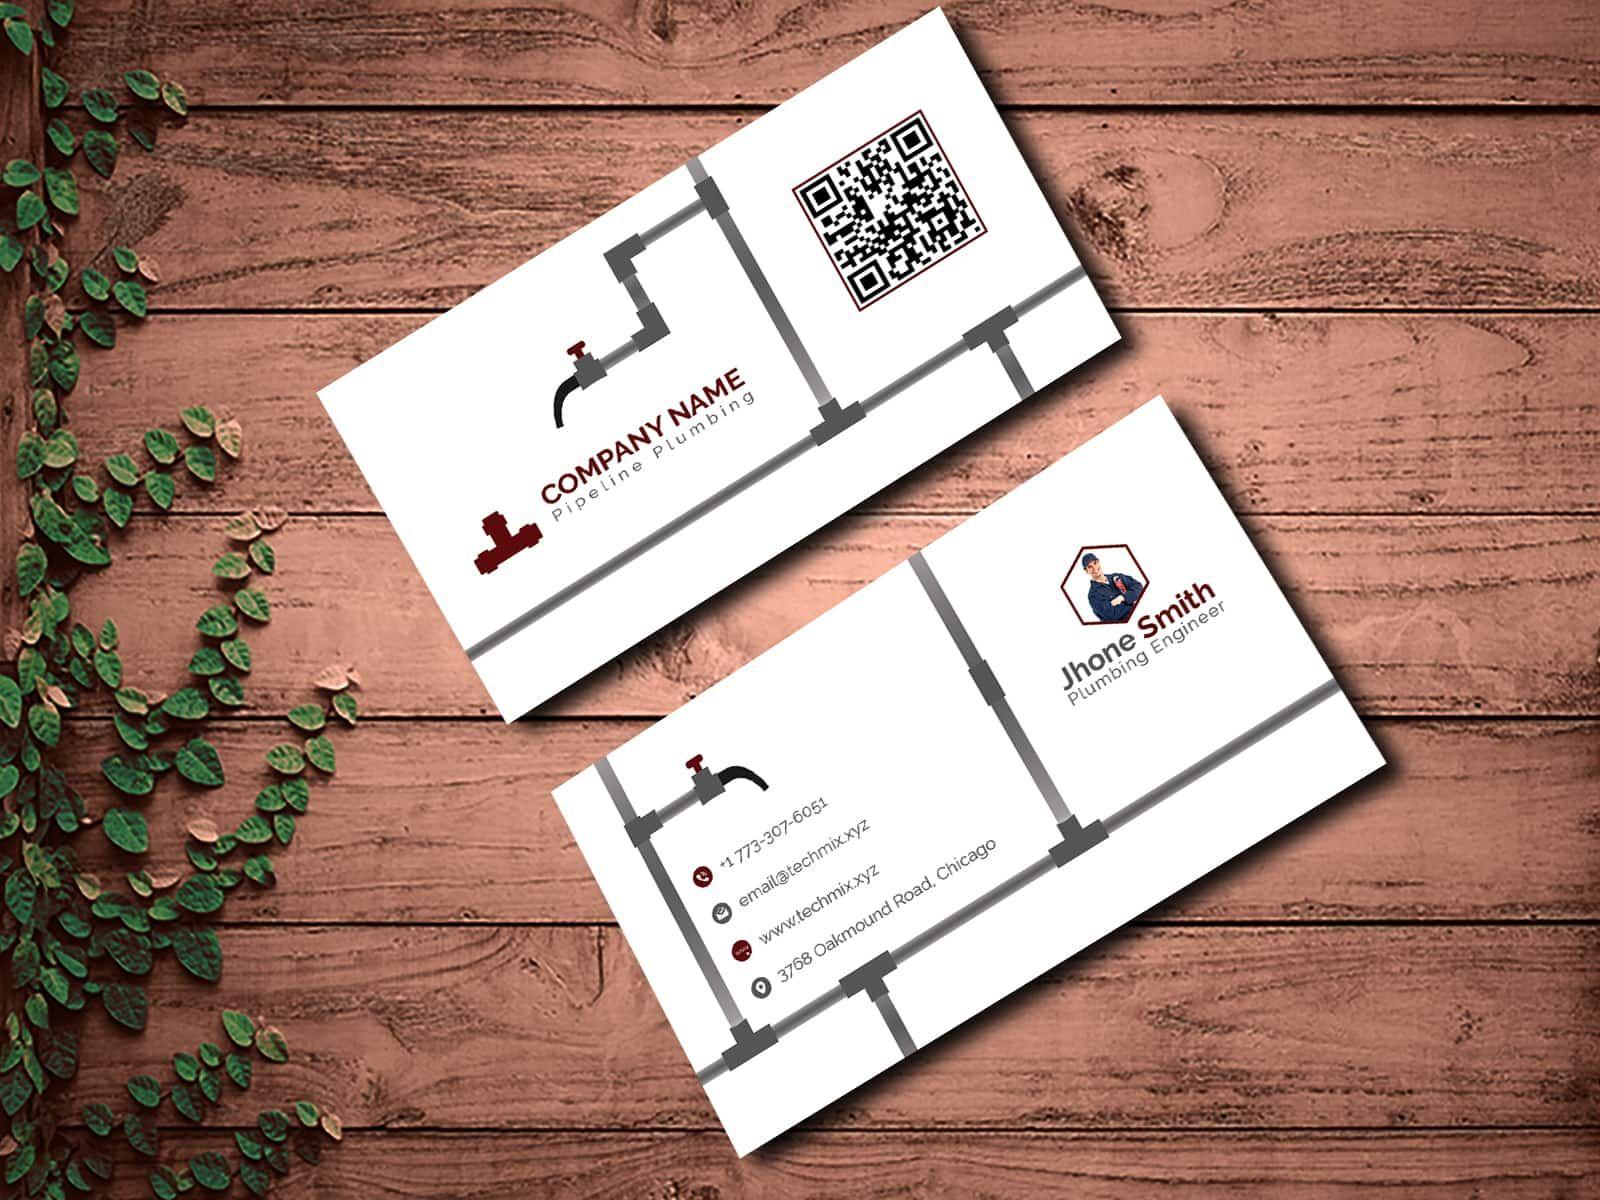 Best Plumber Business Card Template Card Template Business Card Template Business Cards Creative